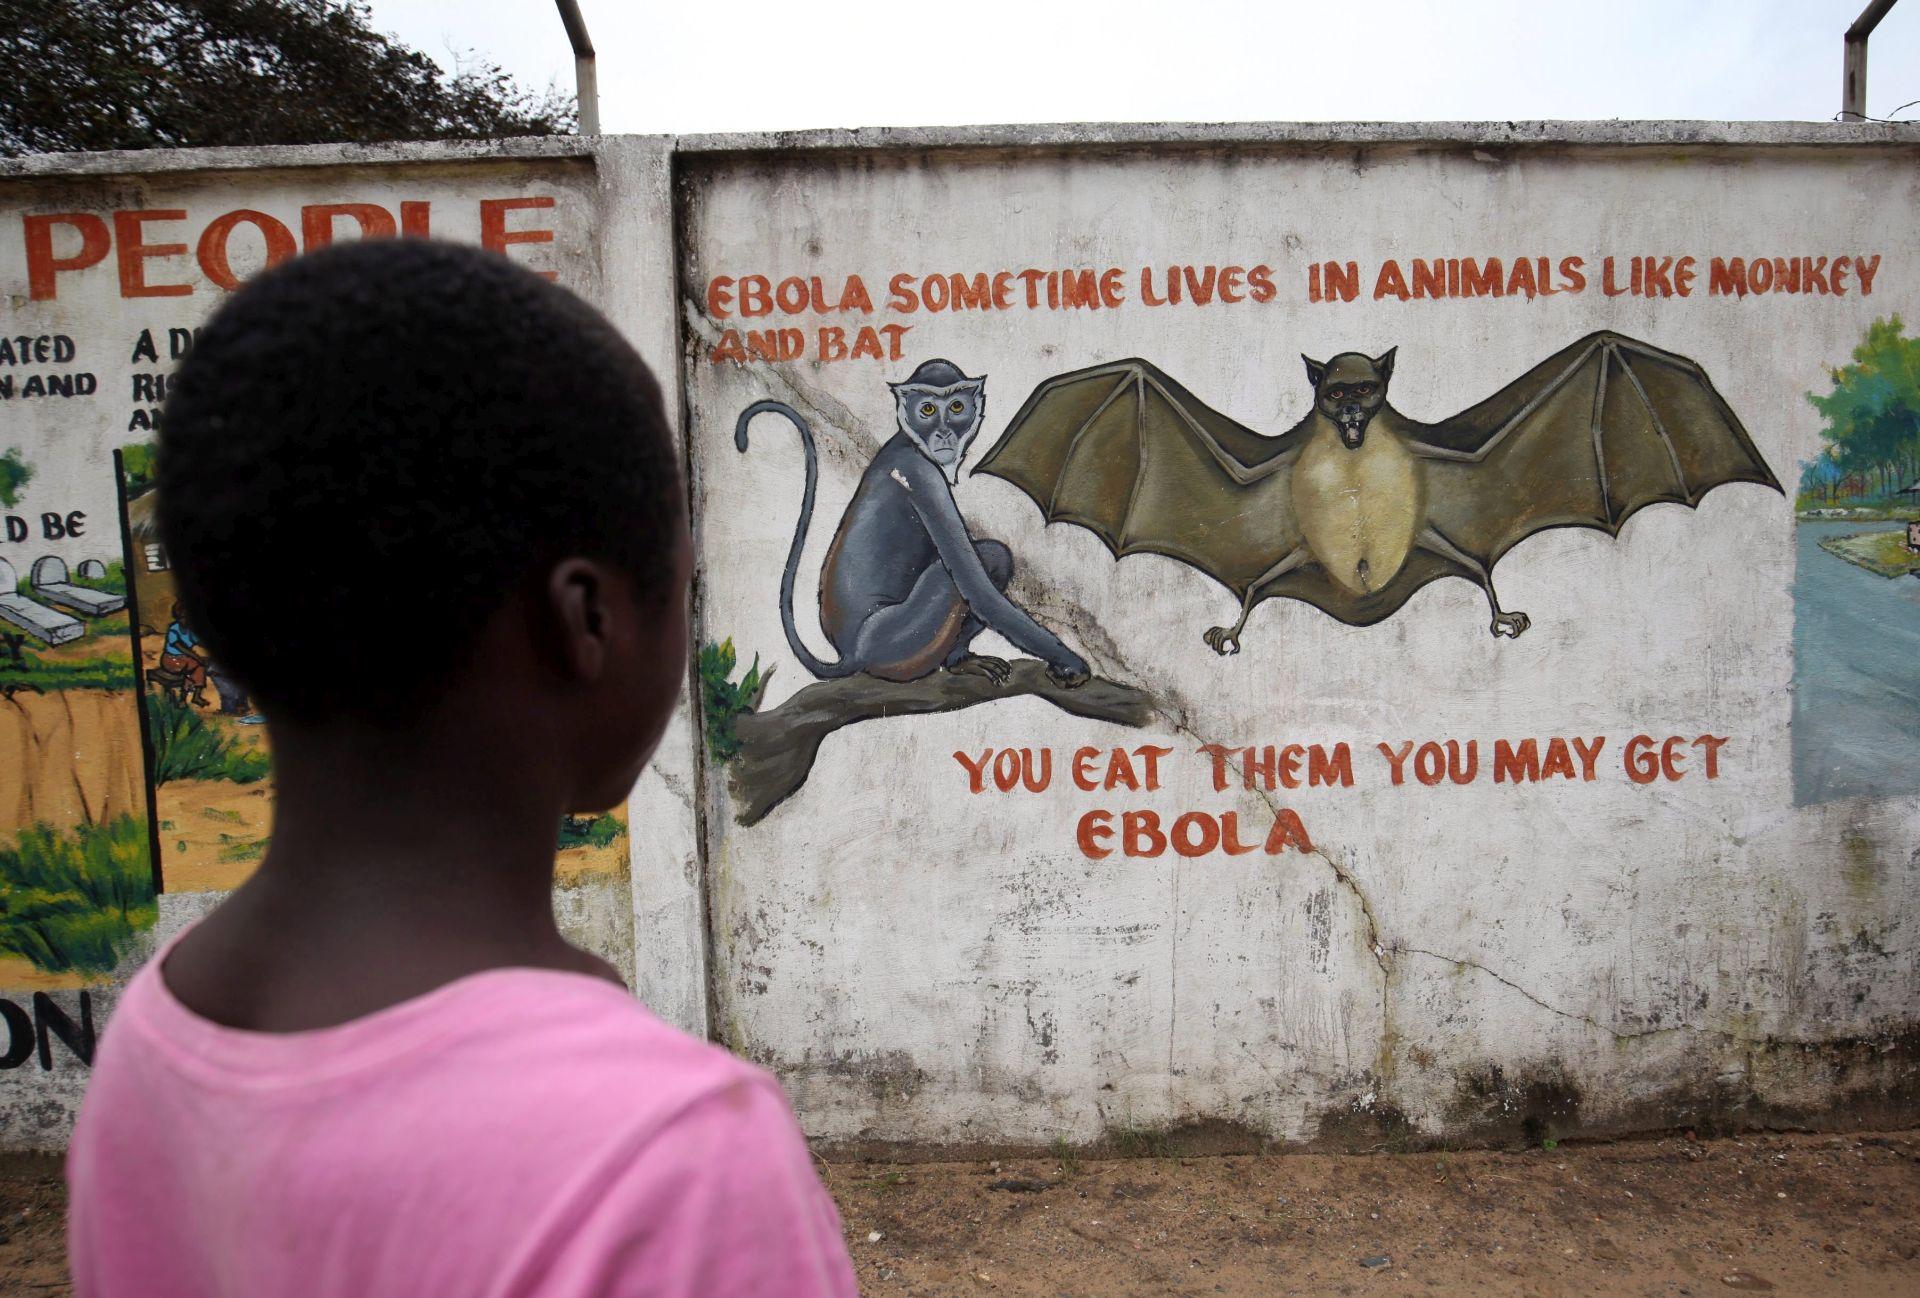 NAKON OBJAVE KRAJA EPIDEMIJE: Novi slučaj ebole u Sierra Leoneu, strahuje se od većeg broja zaraženih